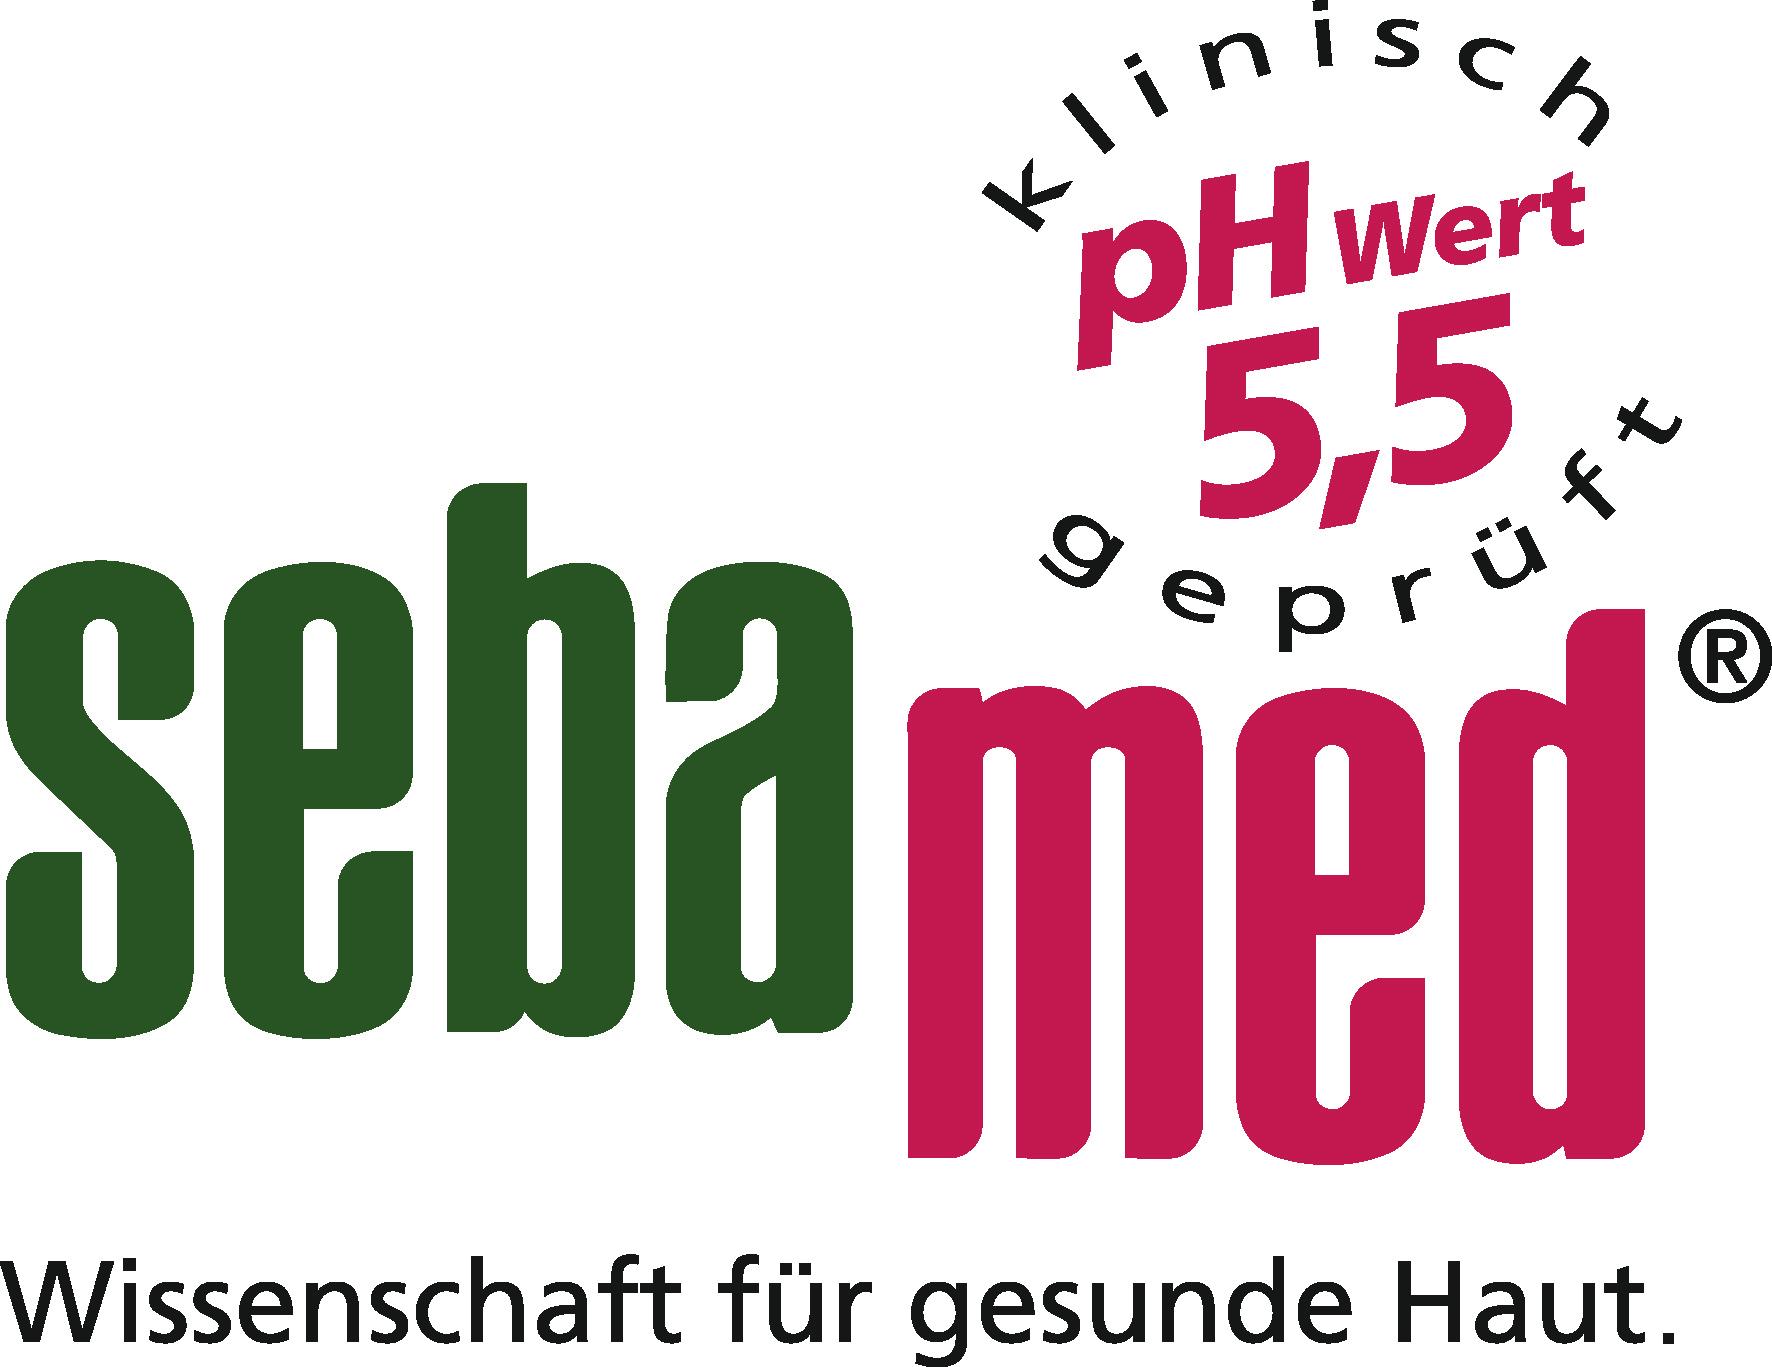 Sebapharma GmbH & Co.KG